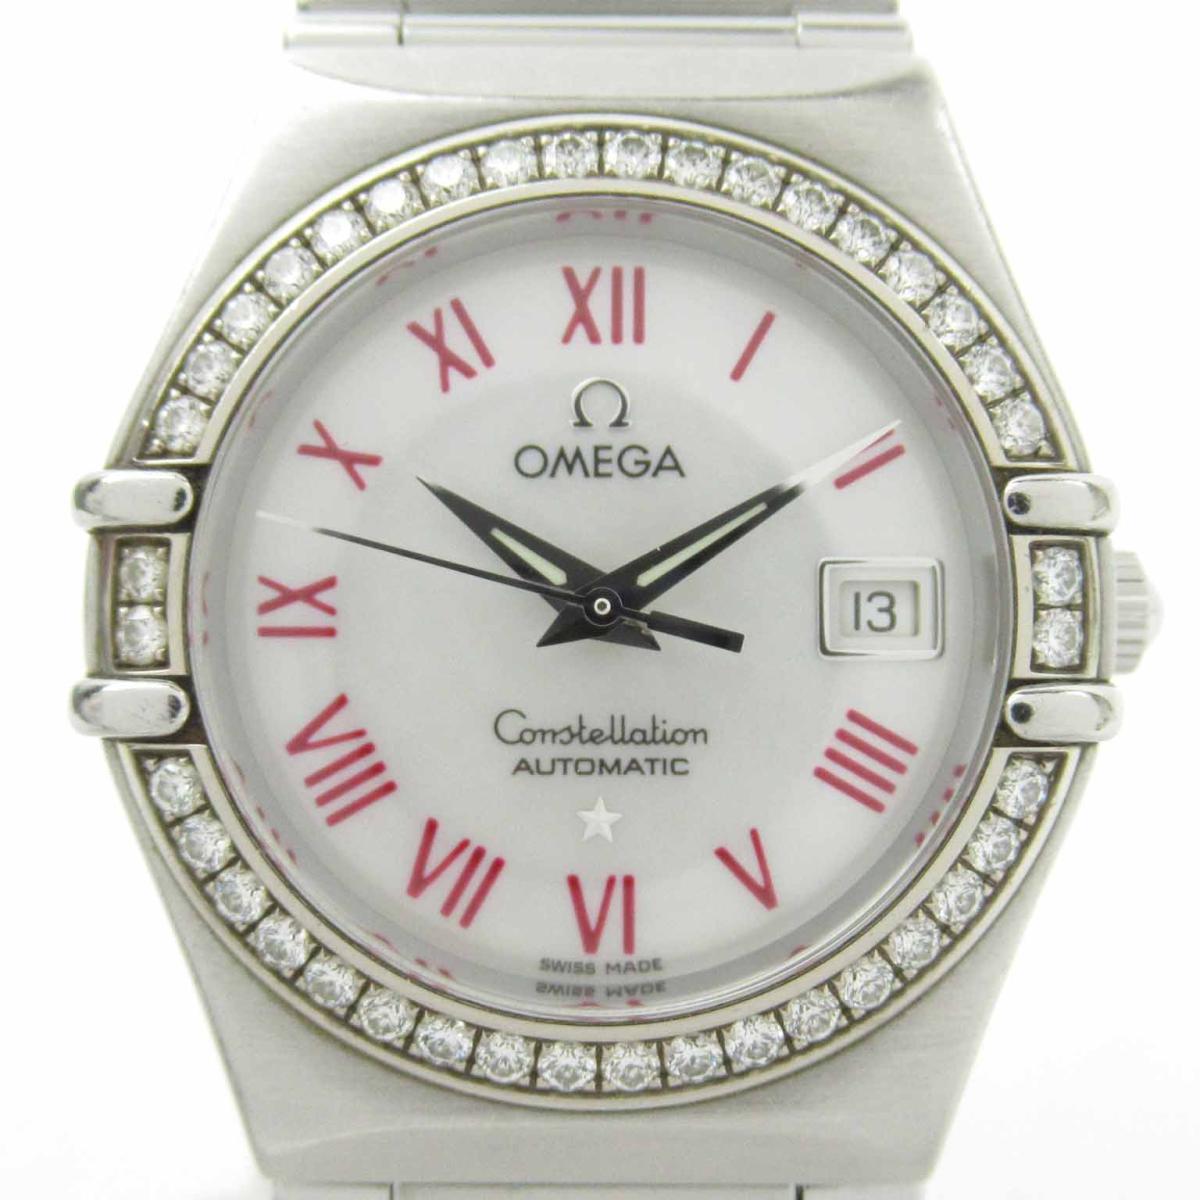 ≪期間限定≫メルマガ登録でクーポンGET! 【中古】 オメガ コンステレーション ダイヤベゼル ウォッチ 腕時計 レディース ステンレススチール (SS) (1497.63) | OMEGA BRANDOFF ブランドオフ ブランド ブランド時計 ブランド腕時計 時計